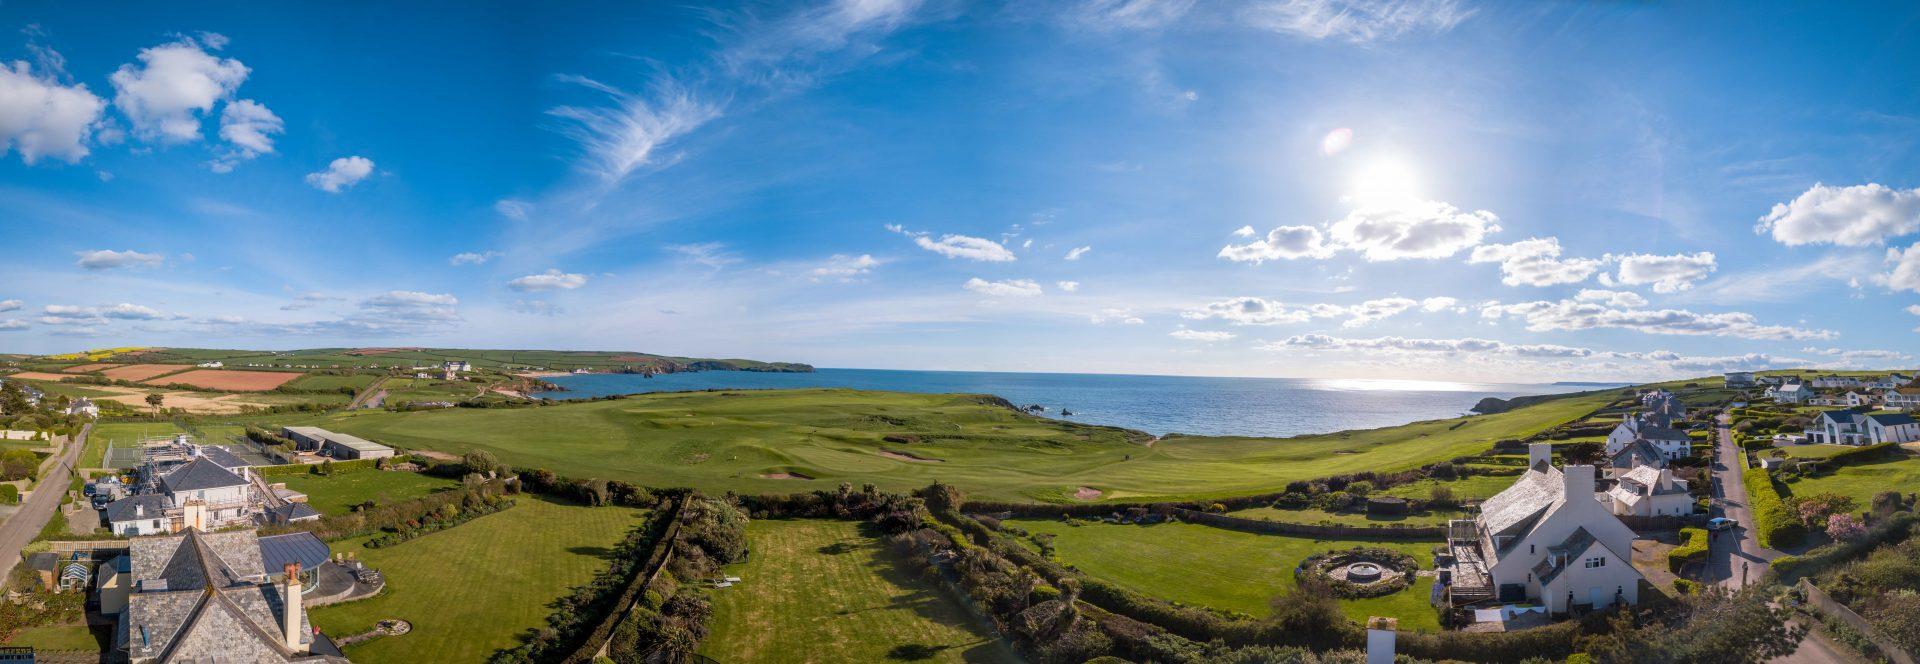 Seaside view properties